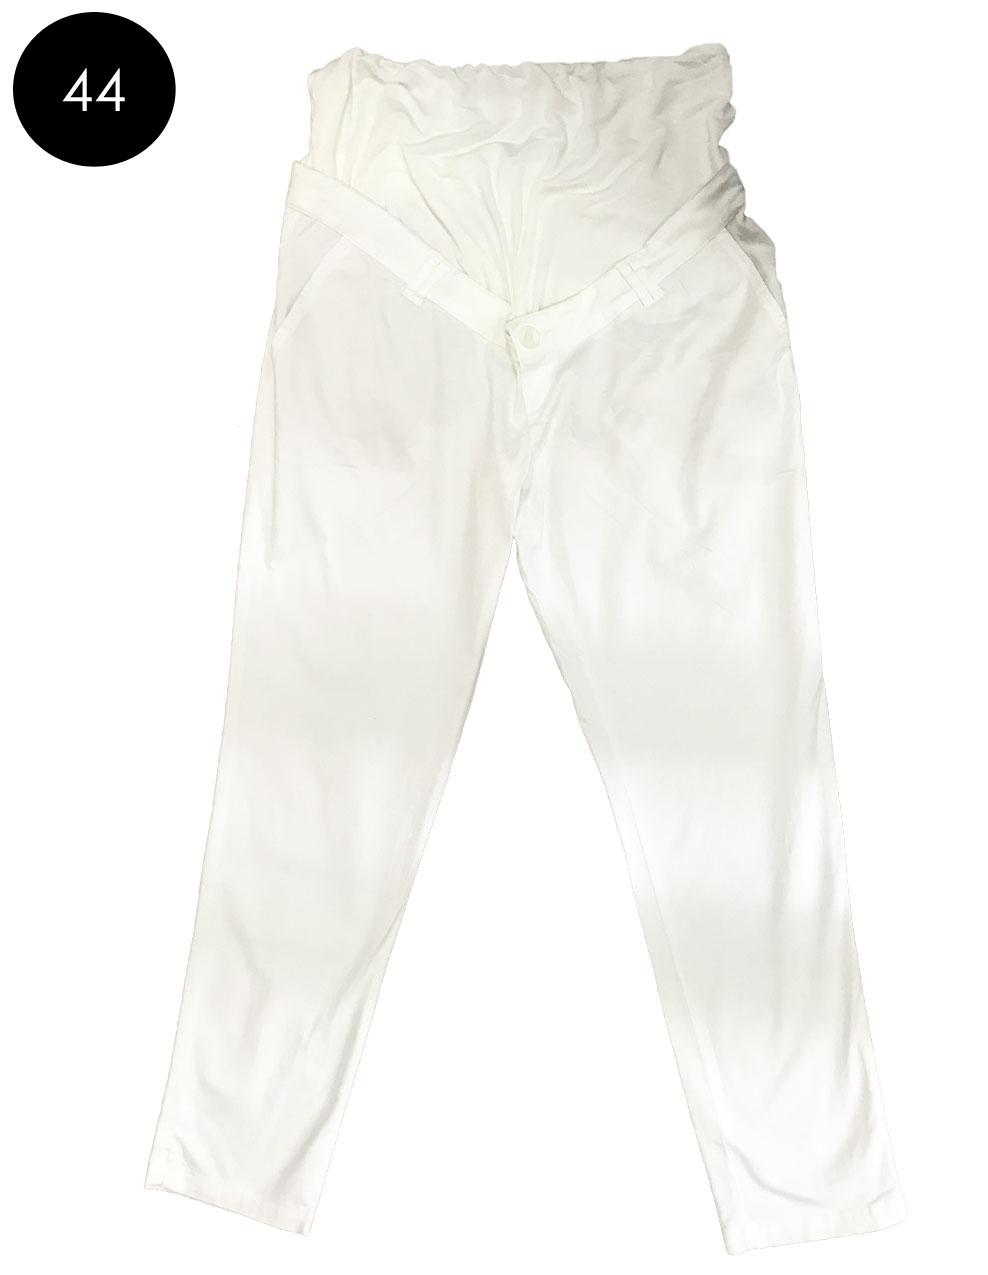 Pantalon grossesse blanc en coton sergé d occasion 73533f542f1